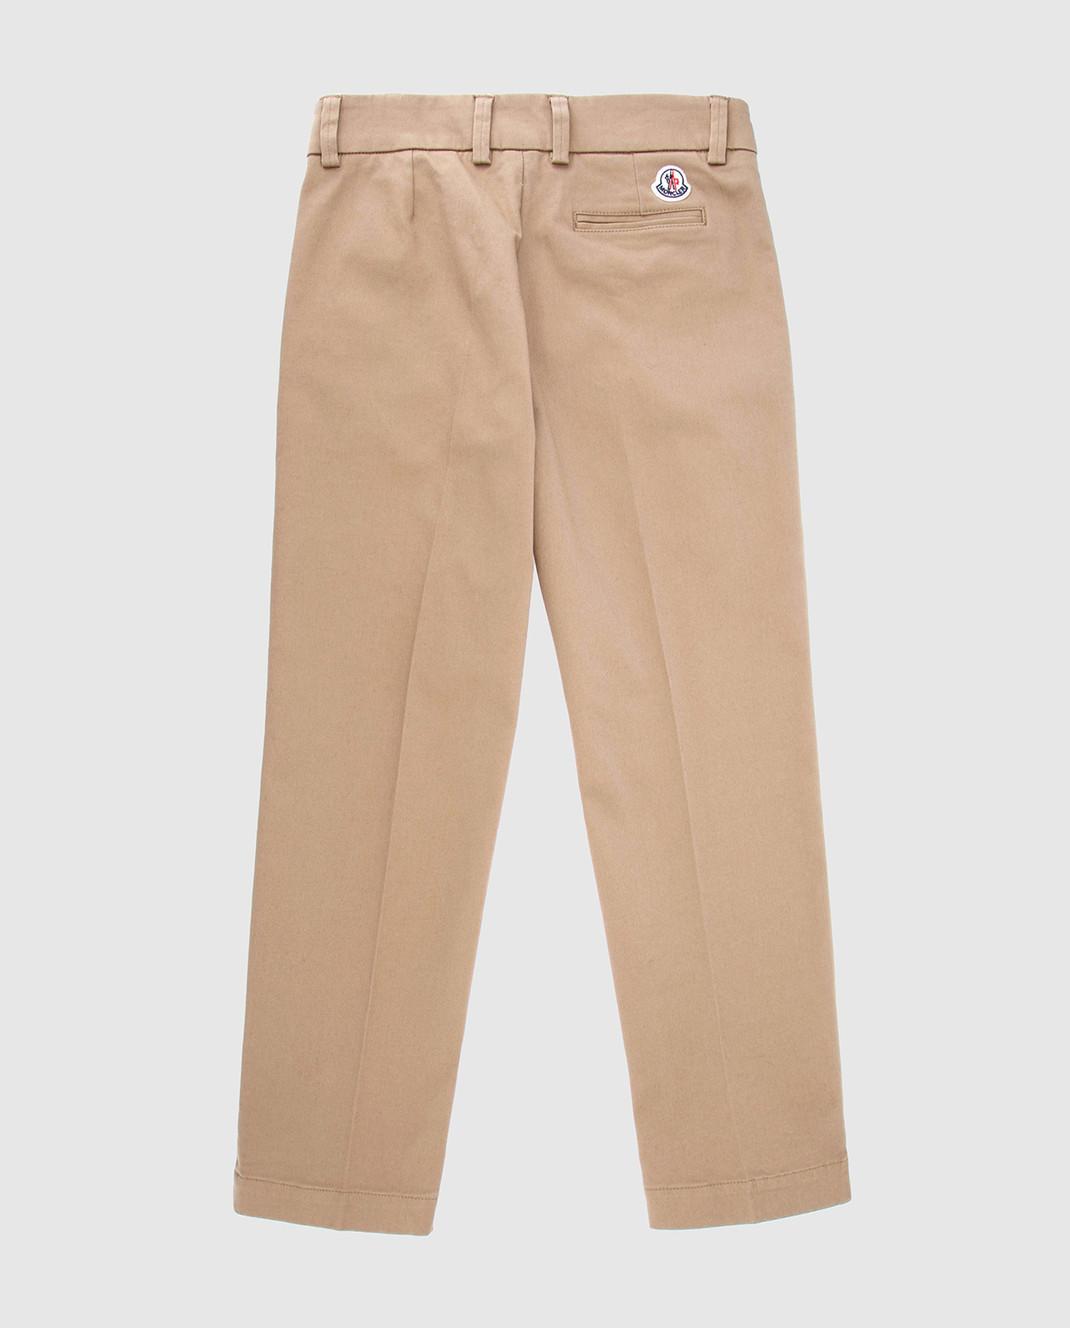 Moncler ENFANT Детские бежевые брюки 110188A10A изображение 2